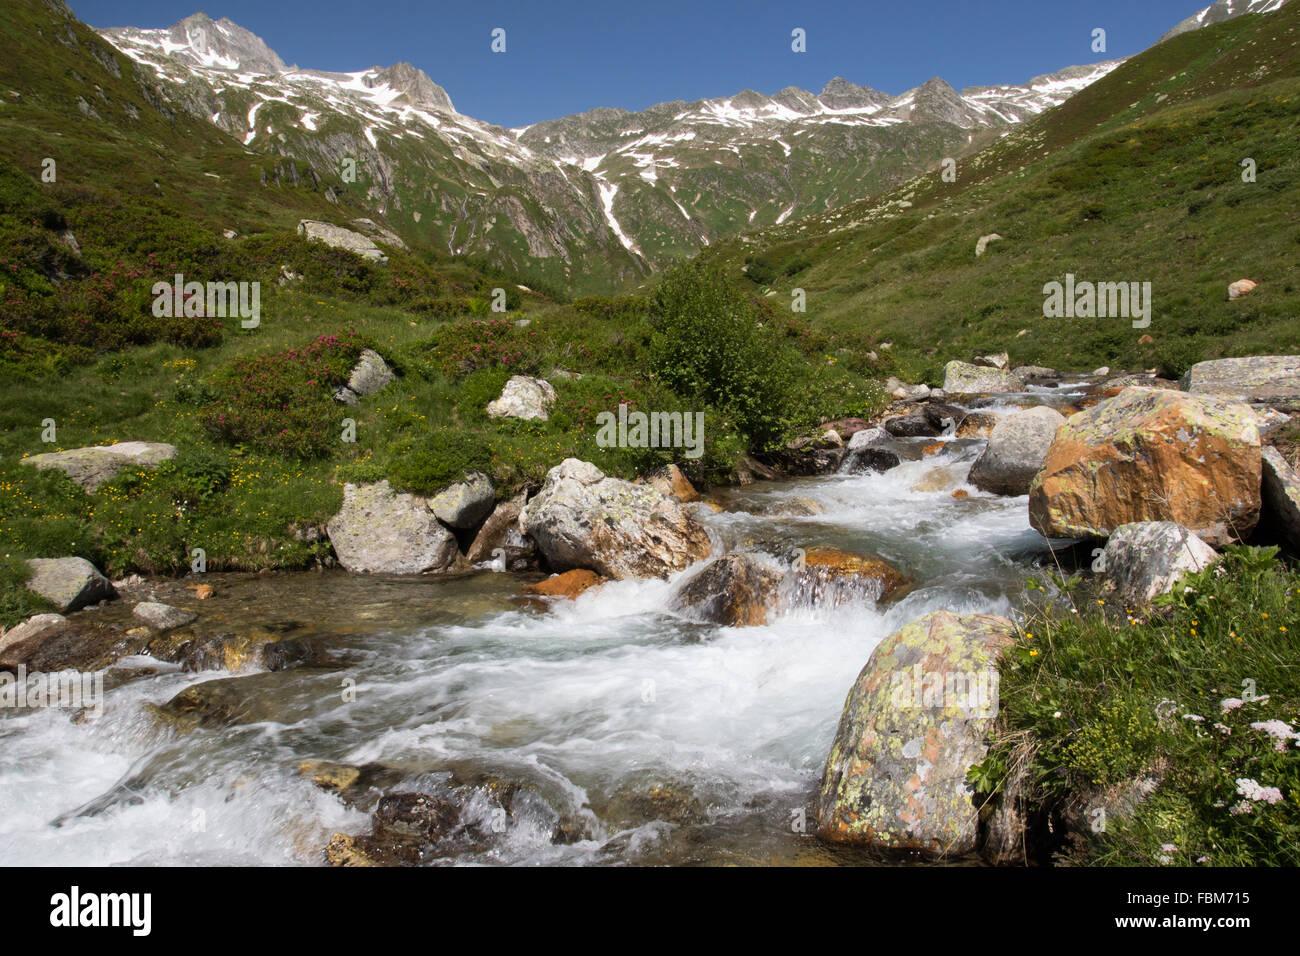 Ruscello di montagna nel passo del Uomo, Grigioni, Svizzera Immagini Stock